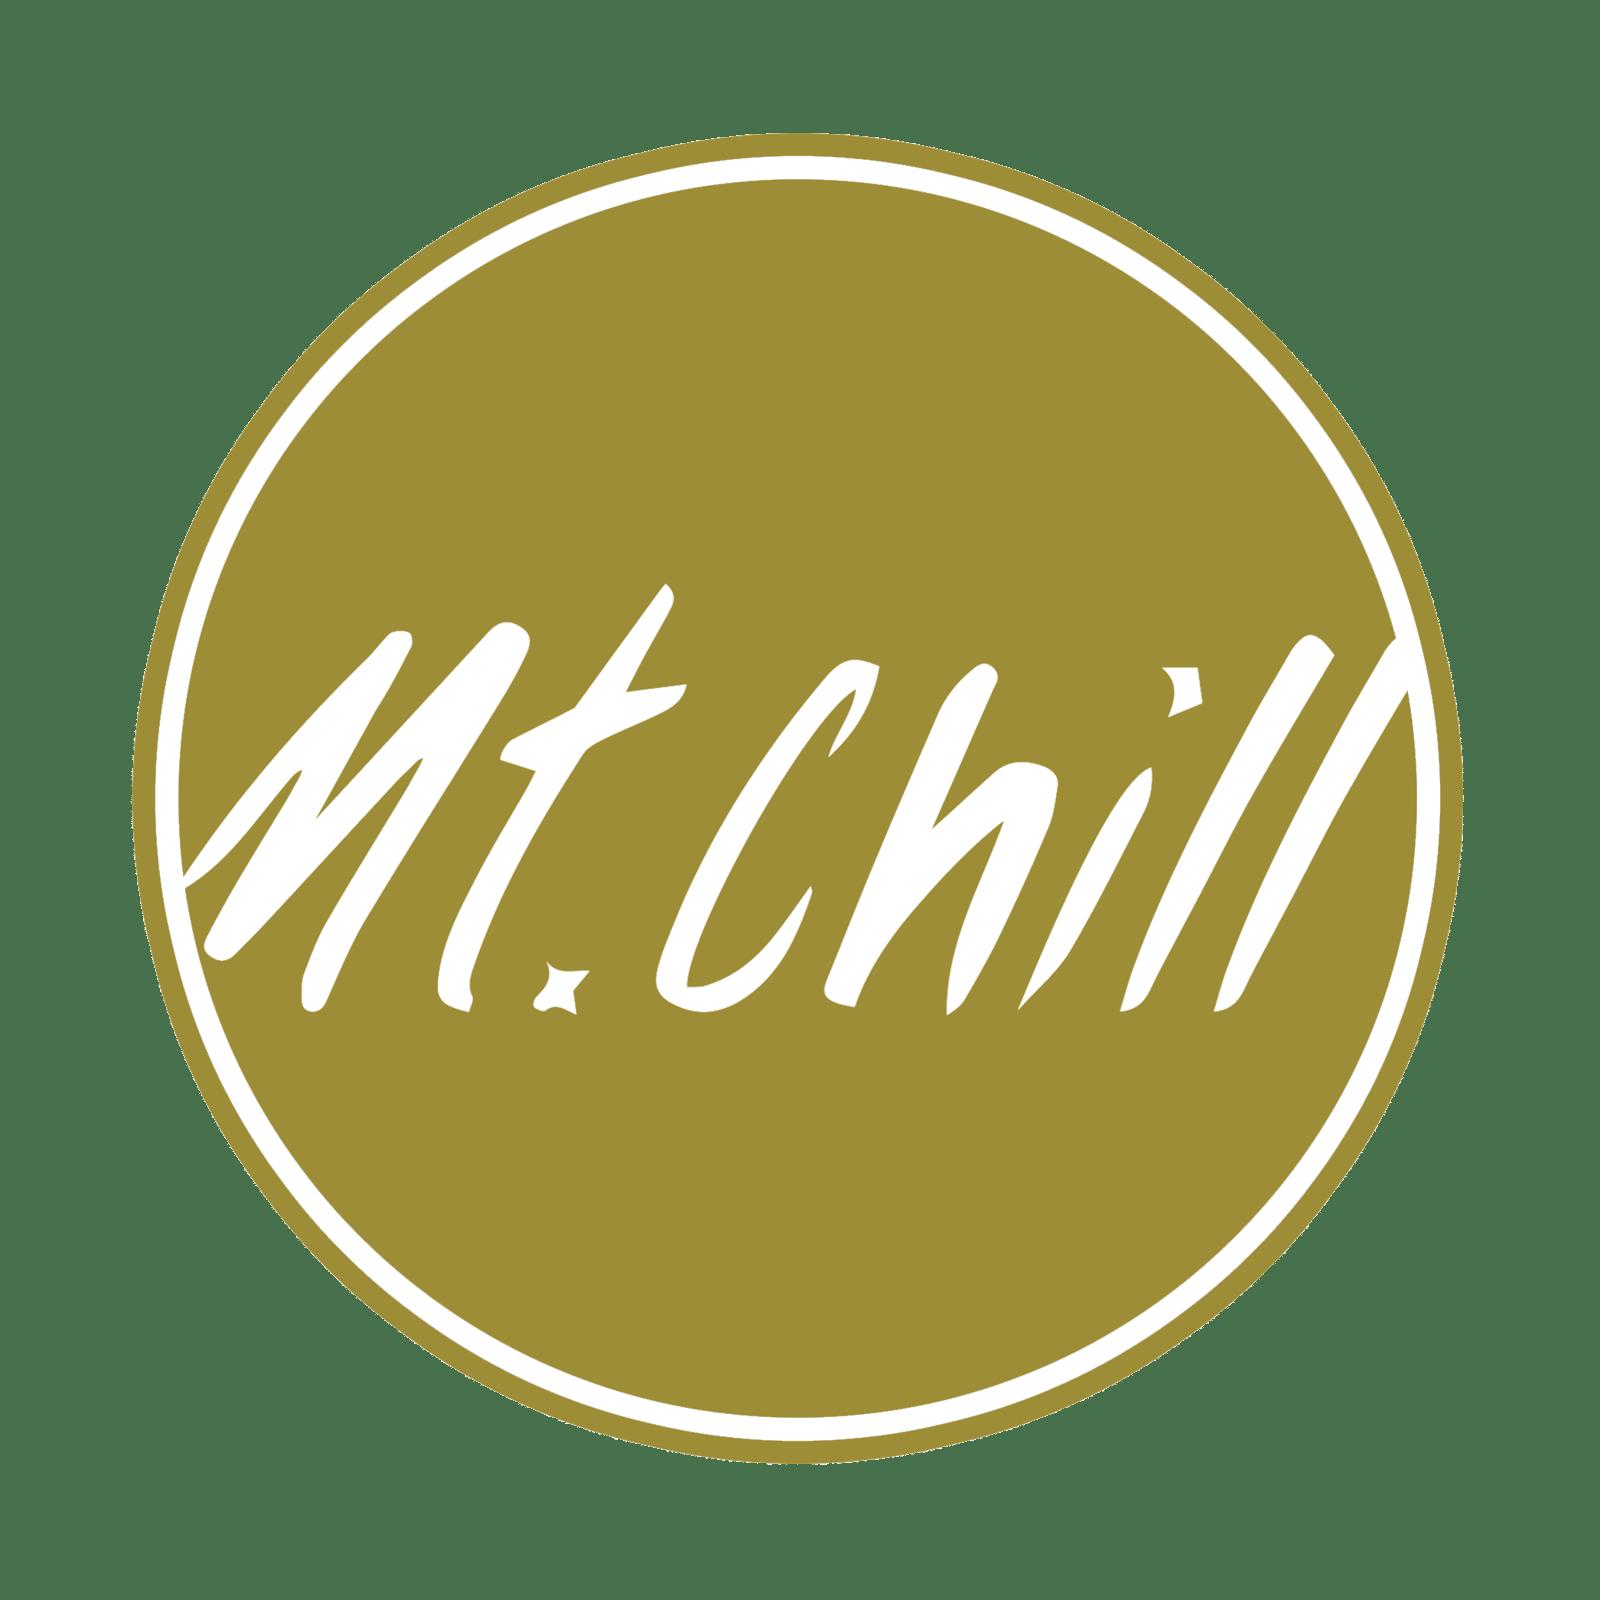 Mt. Chill